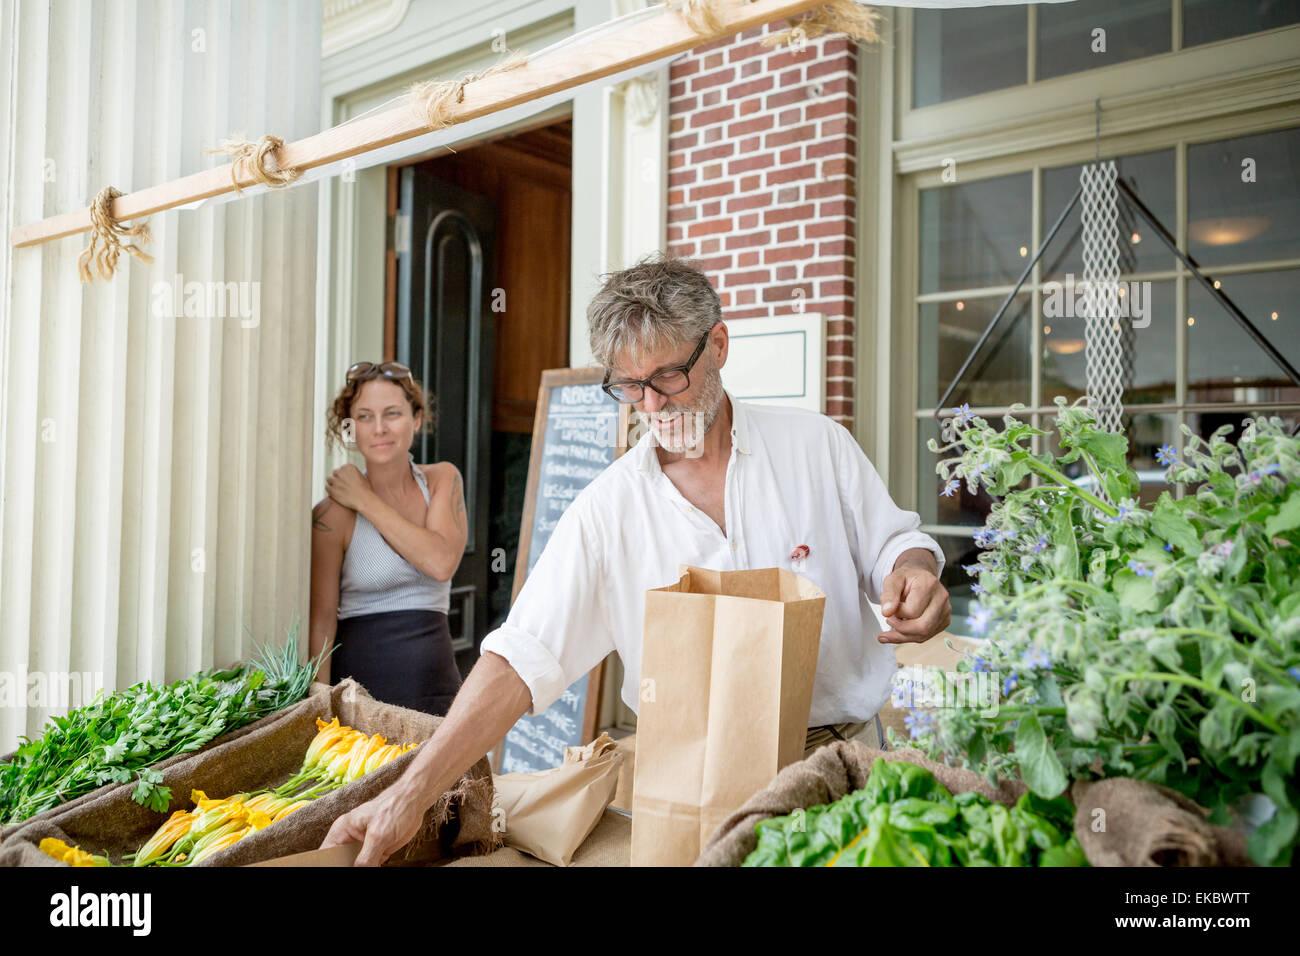 Ventes des agriculteurs bio sur l'étal extérieur store Photo Stock